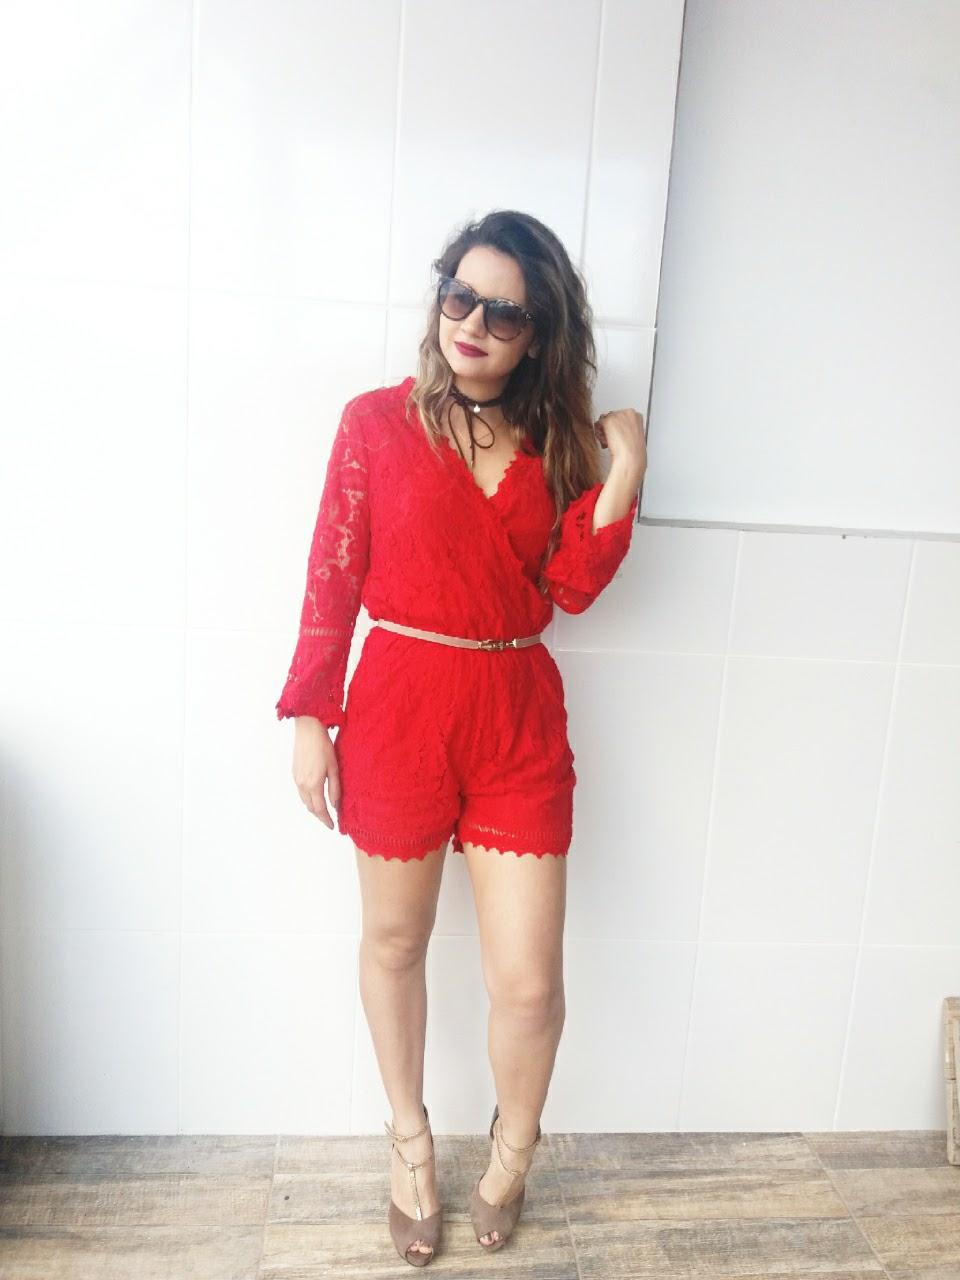 16-12-26-15-56-28-602_deco Look da Ka: de Macaquinho vermelho paixão!